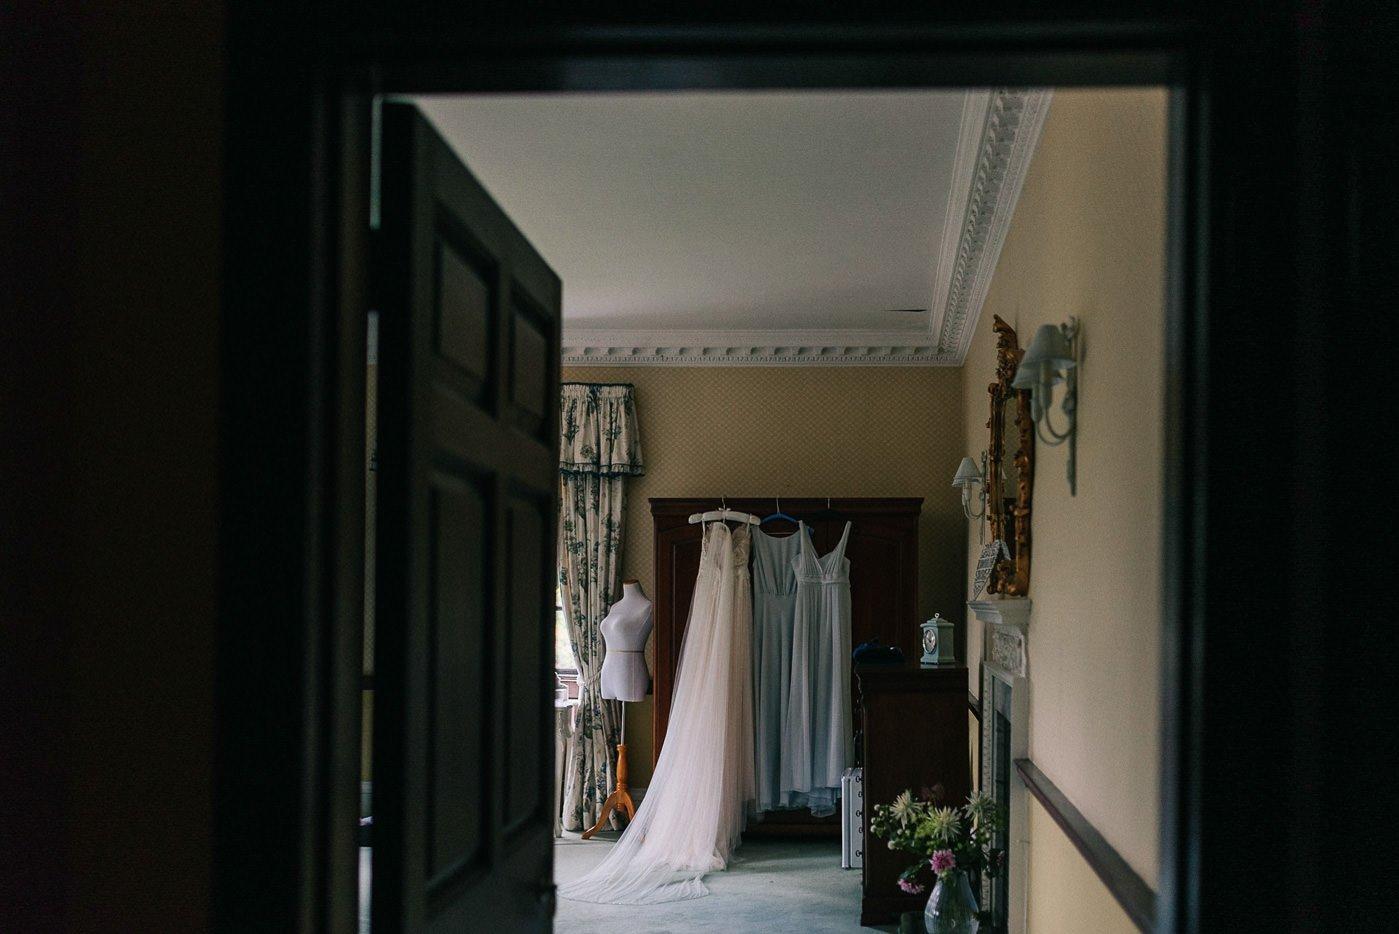 Sprivers Mansion Wedding dresses hanging